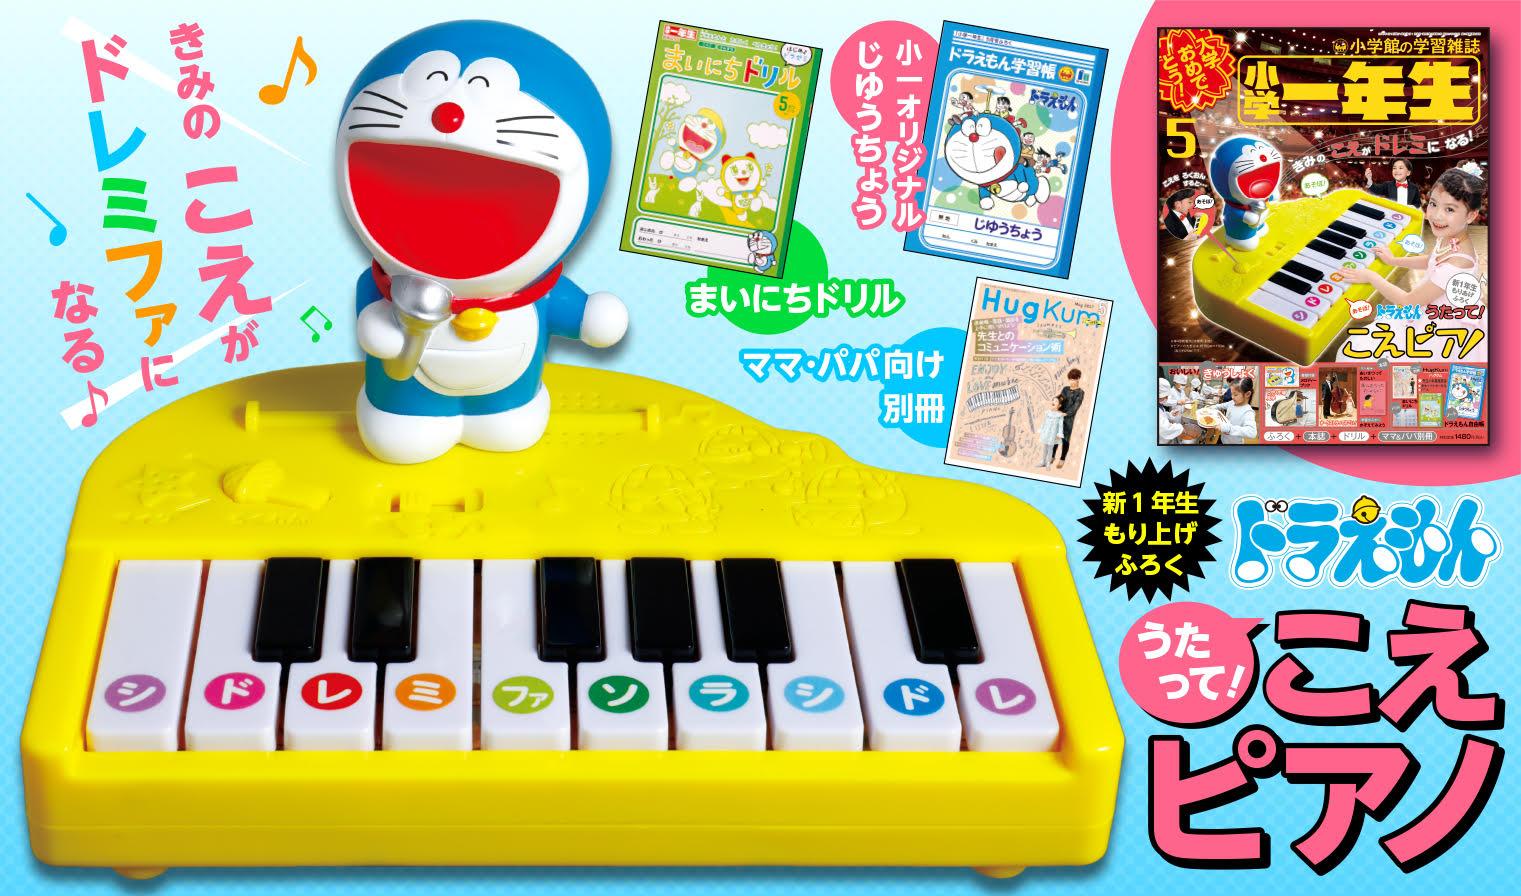 『小学一年生』5月号 特別付録「ドラえもん こえピアノ」+本誌+学習ドリル+ママ別冊